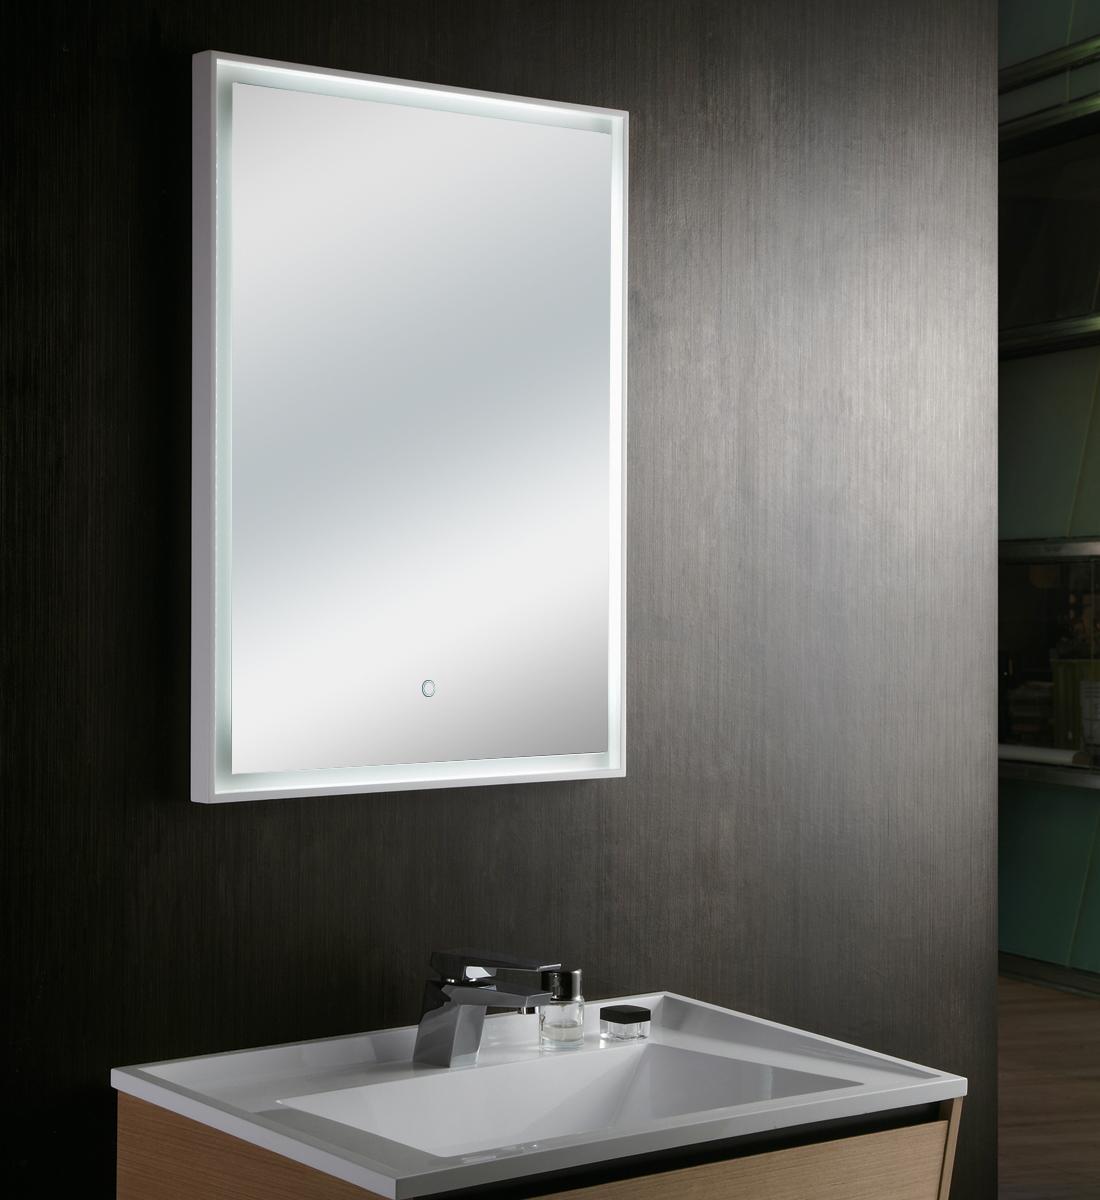 Specchio Con Luce Led.Specchio Con Luce Led Touch Screen Rettangolare L 60xh 80cm Mastin 09